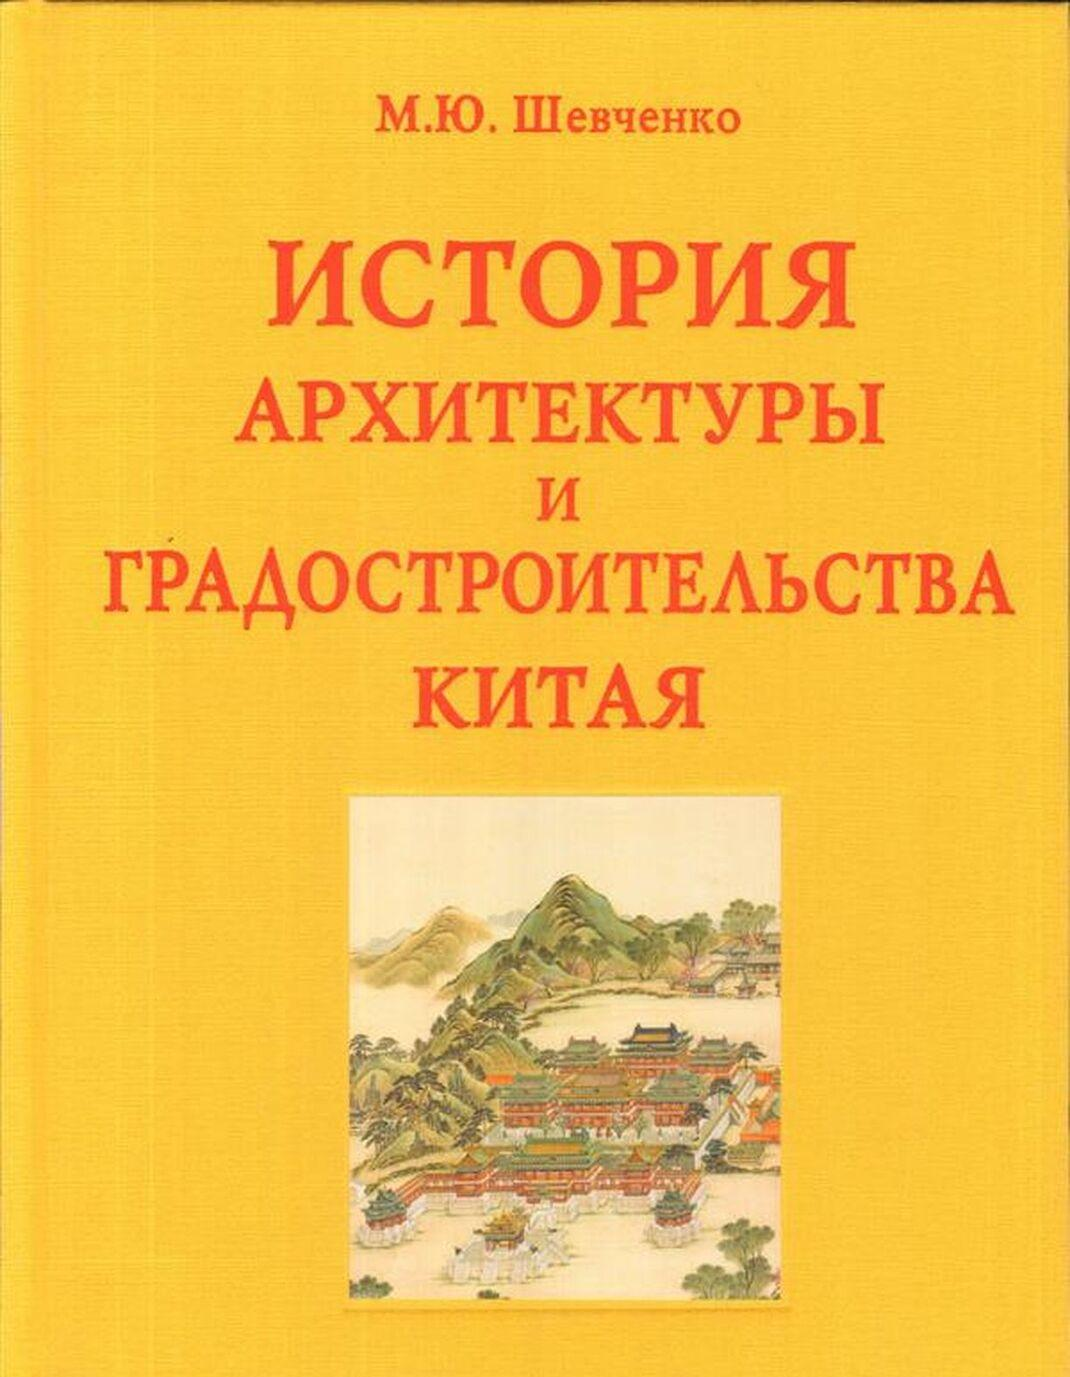 Istorija arkhitektury i gradostroitelstva Kitaja   Shevchenko Marianna Jurevna